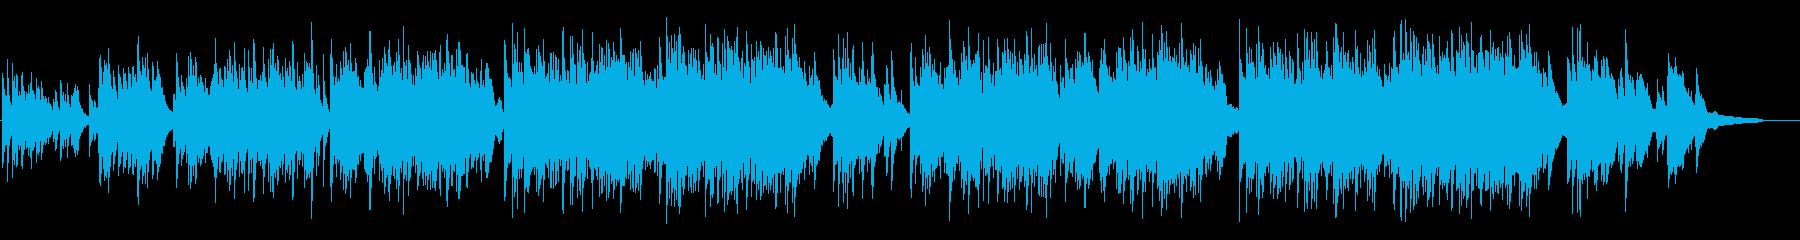 感動的なピアノとアコギ曲 結婚式などにの再生済みの波形